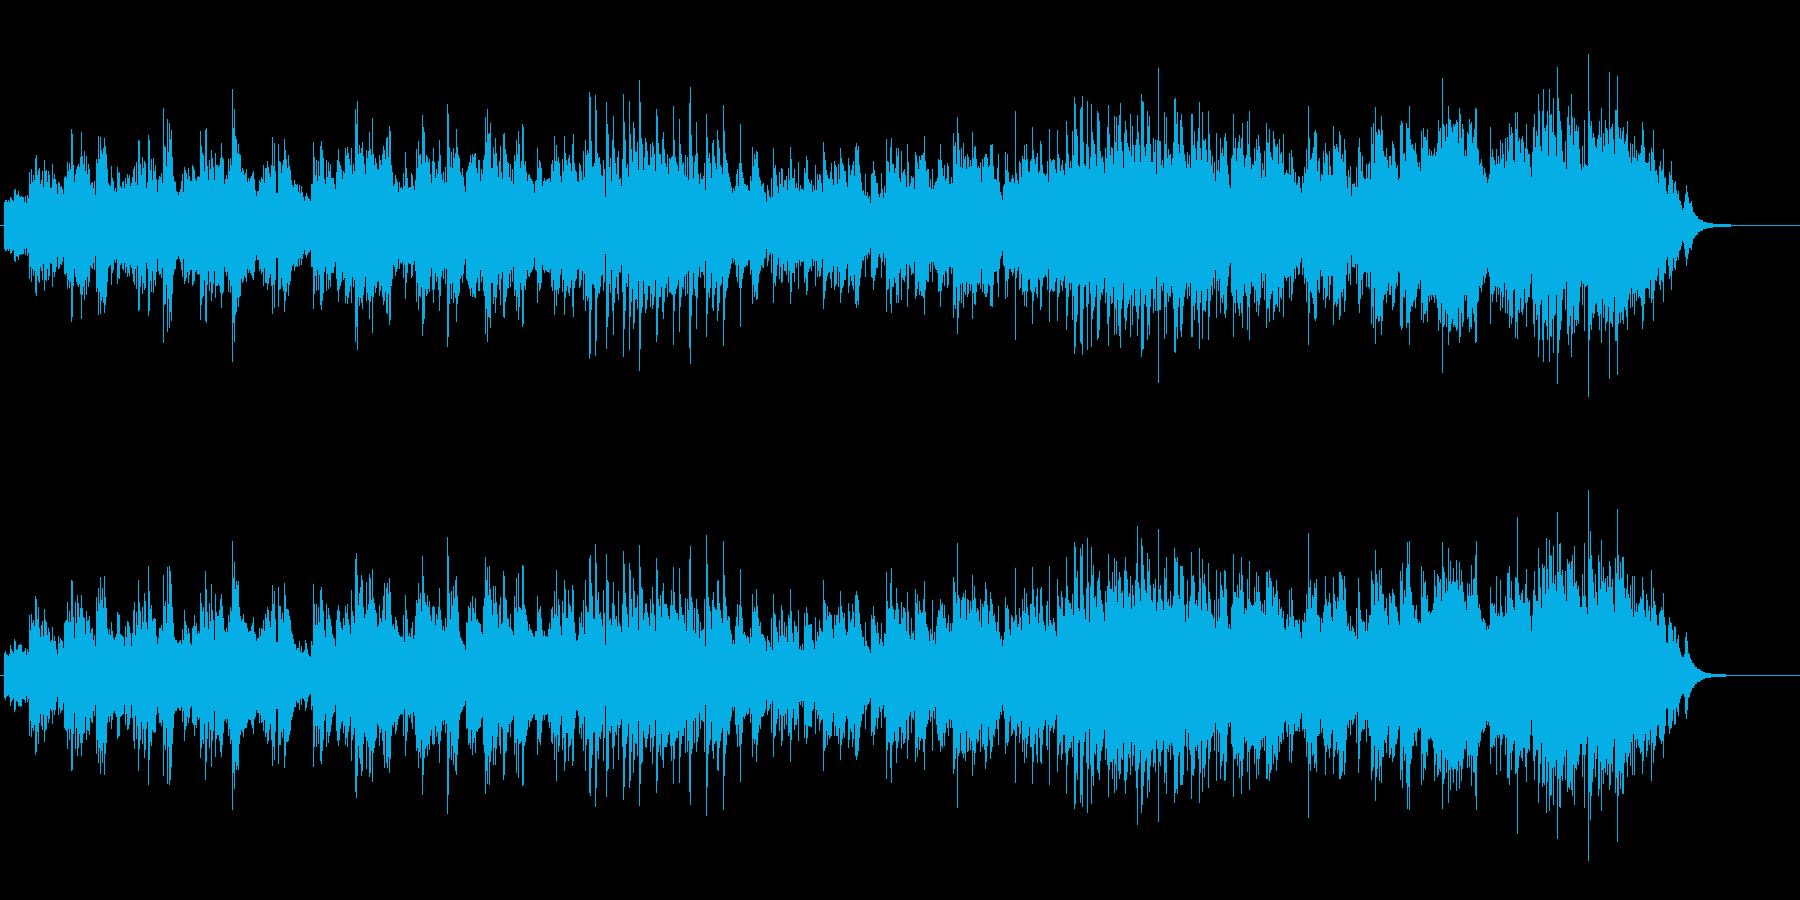 ケレン味のないアコースティック風の曲の再生済みの波形